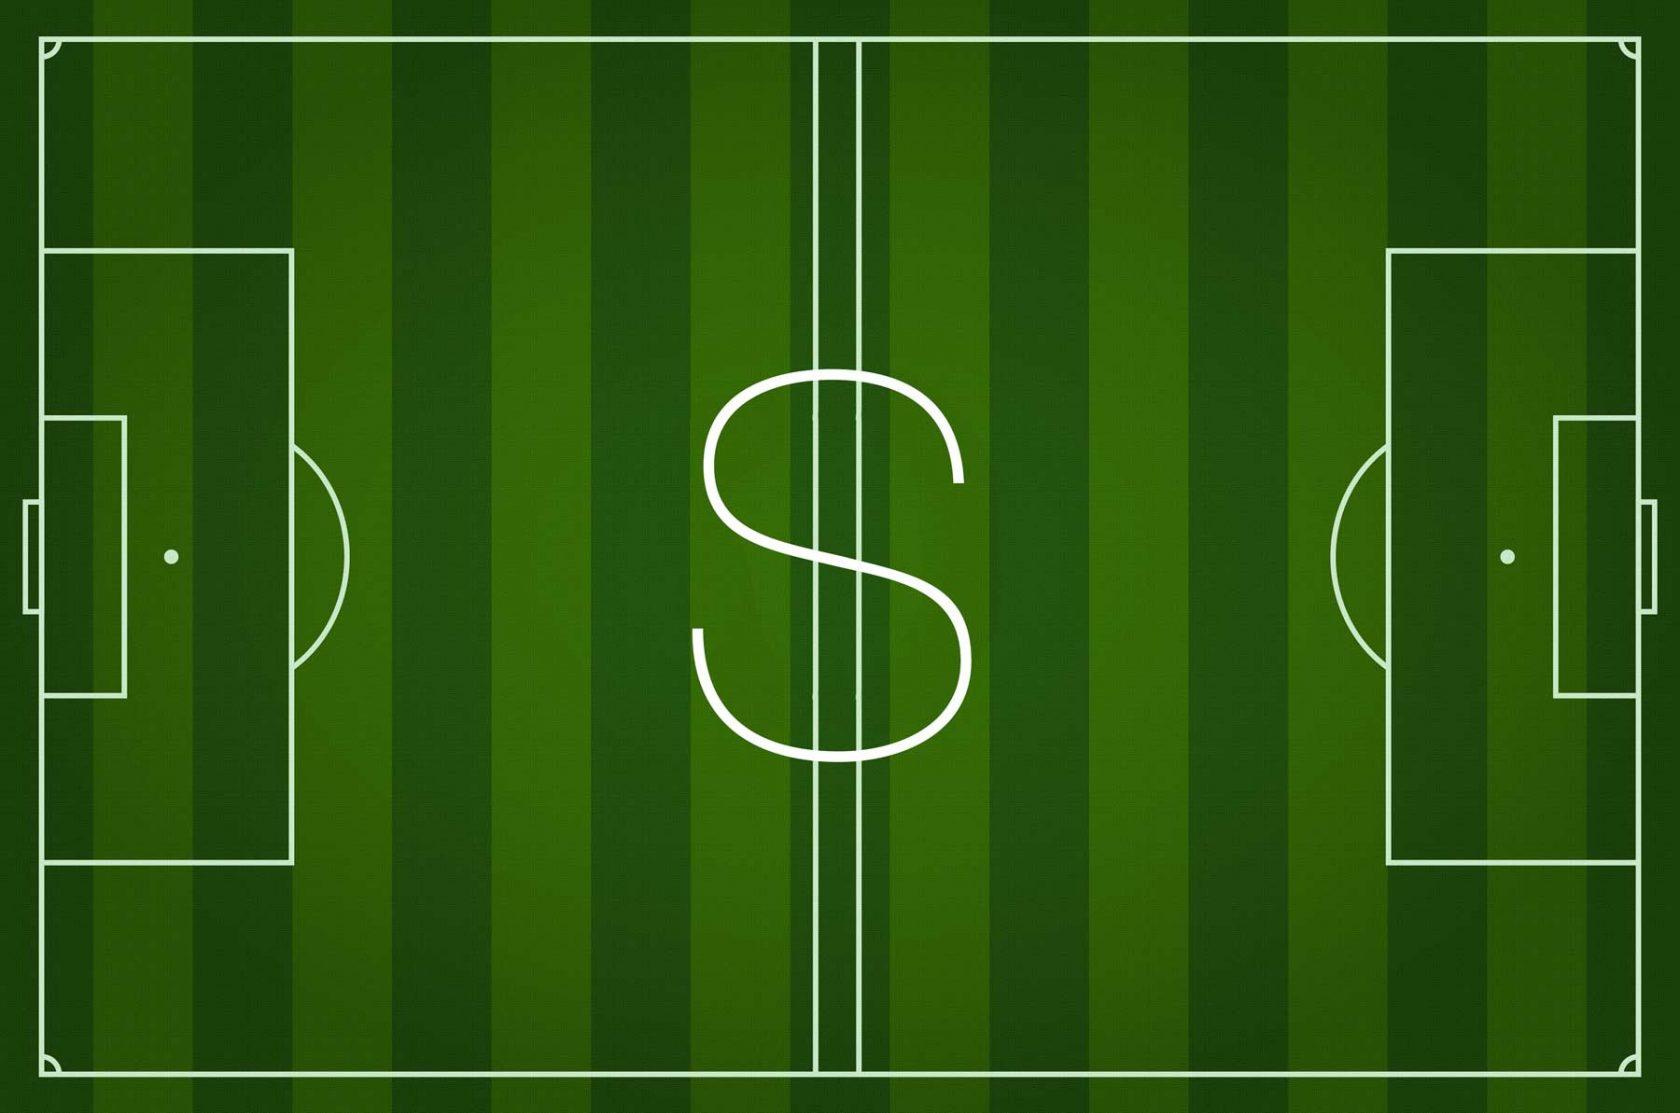 Ed ecco il calcio solo per super-ricchi